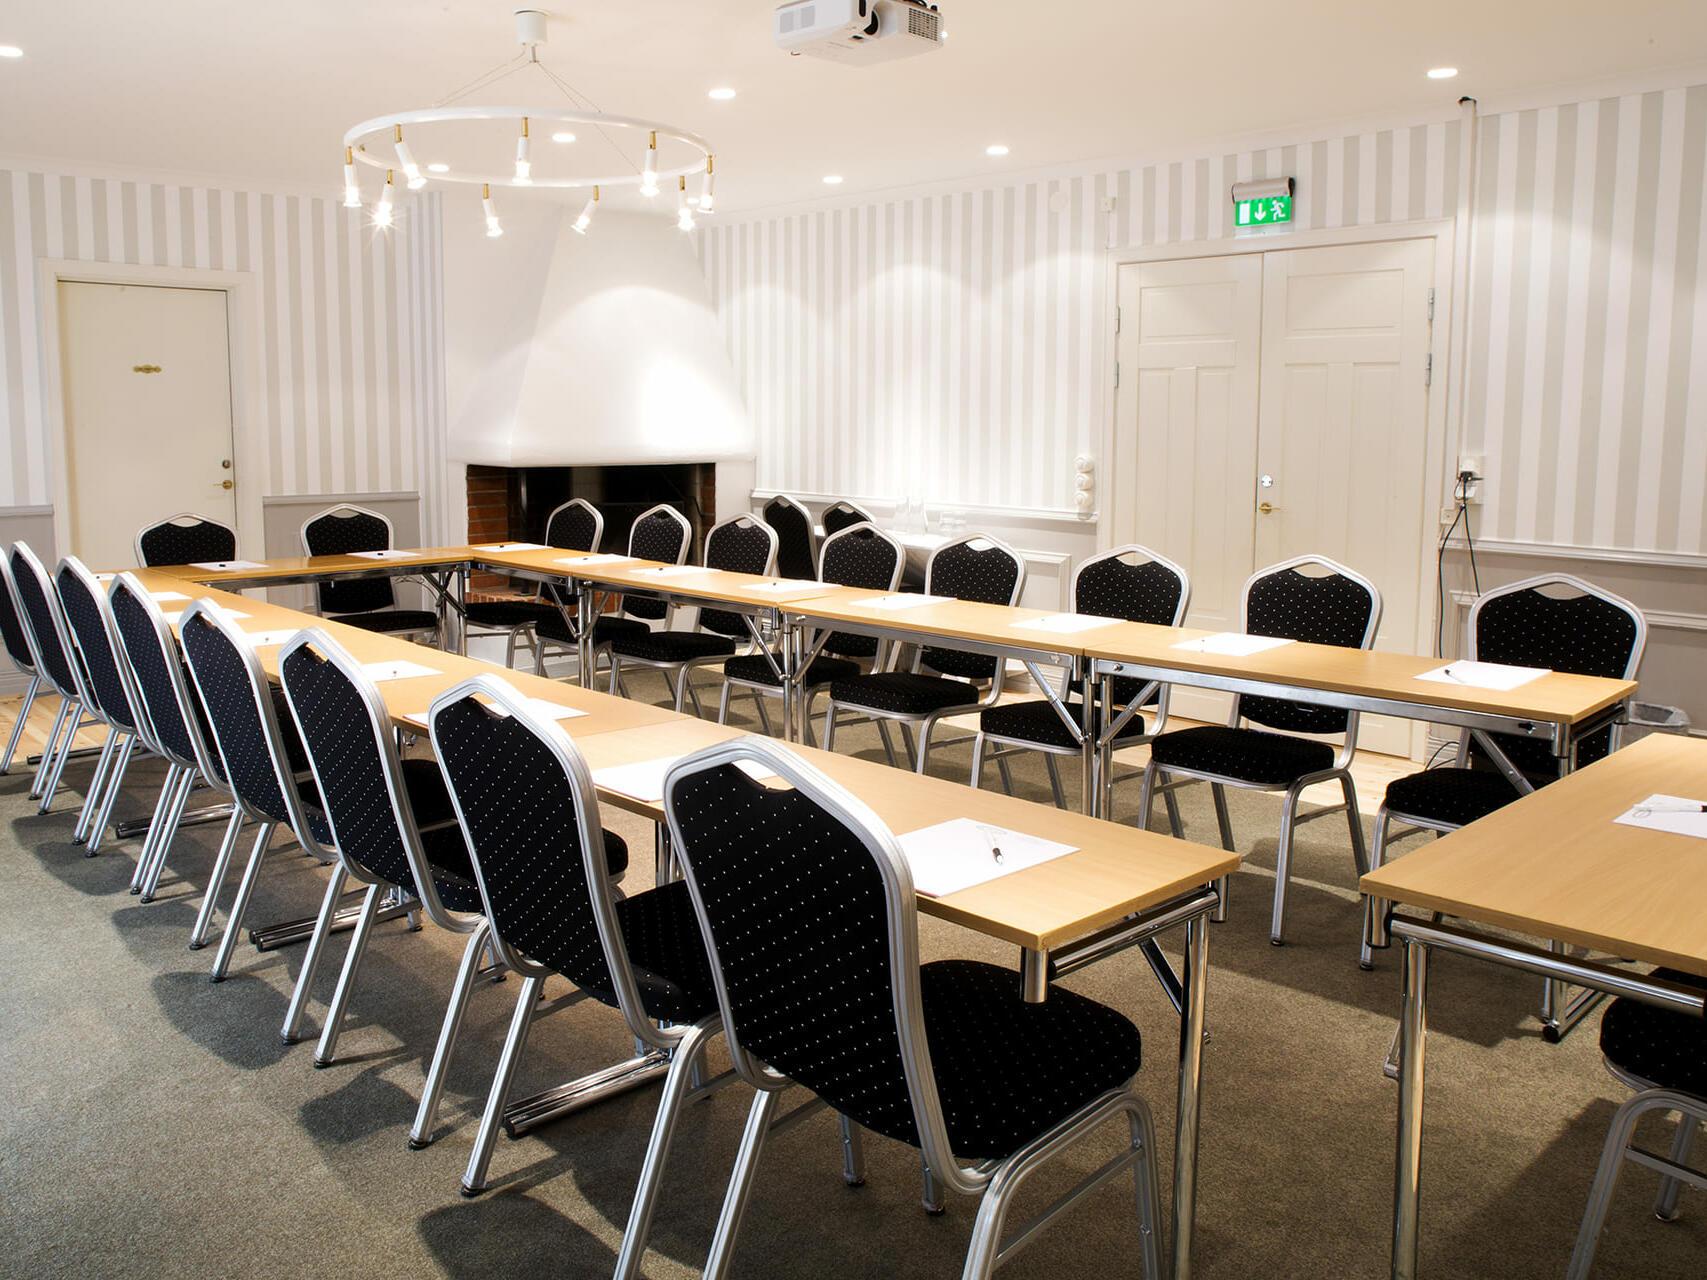 Conferences at Welcome Hotel in Järfälla, Sweden